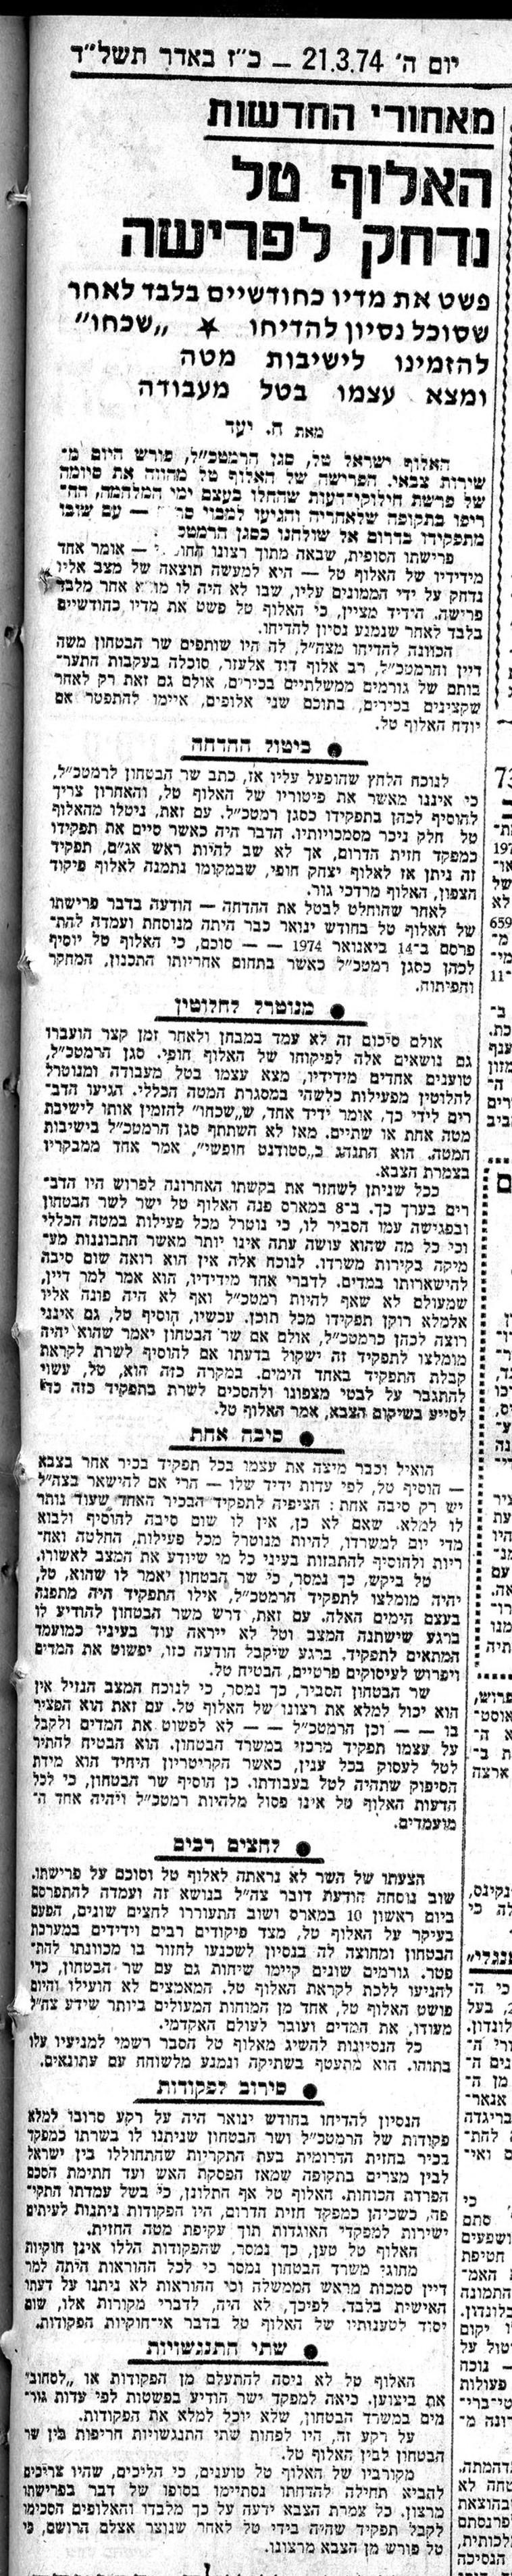 דיווח של עידו דיסנצ'יק על ישראל טל, 1974 (צילום: ארכיון מעריב)